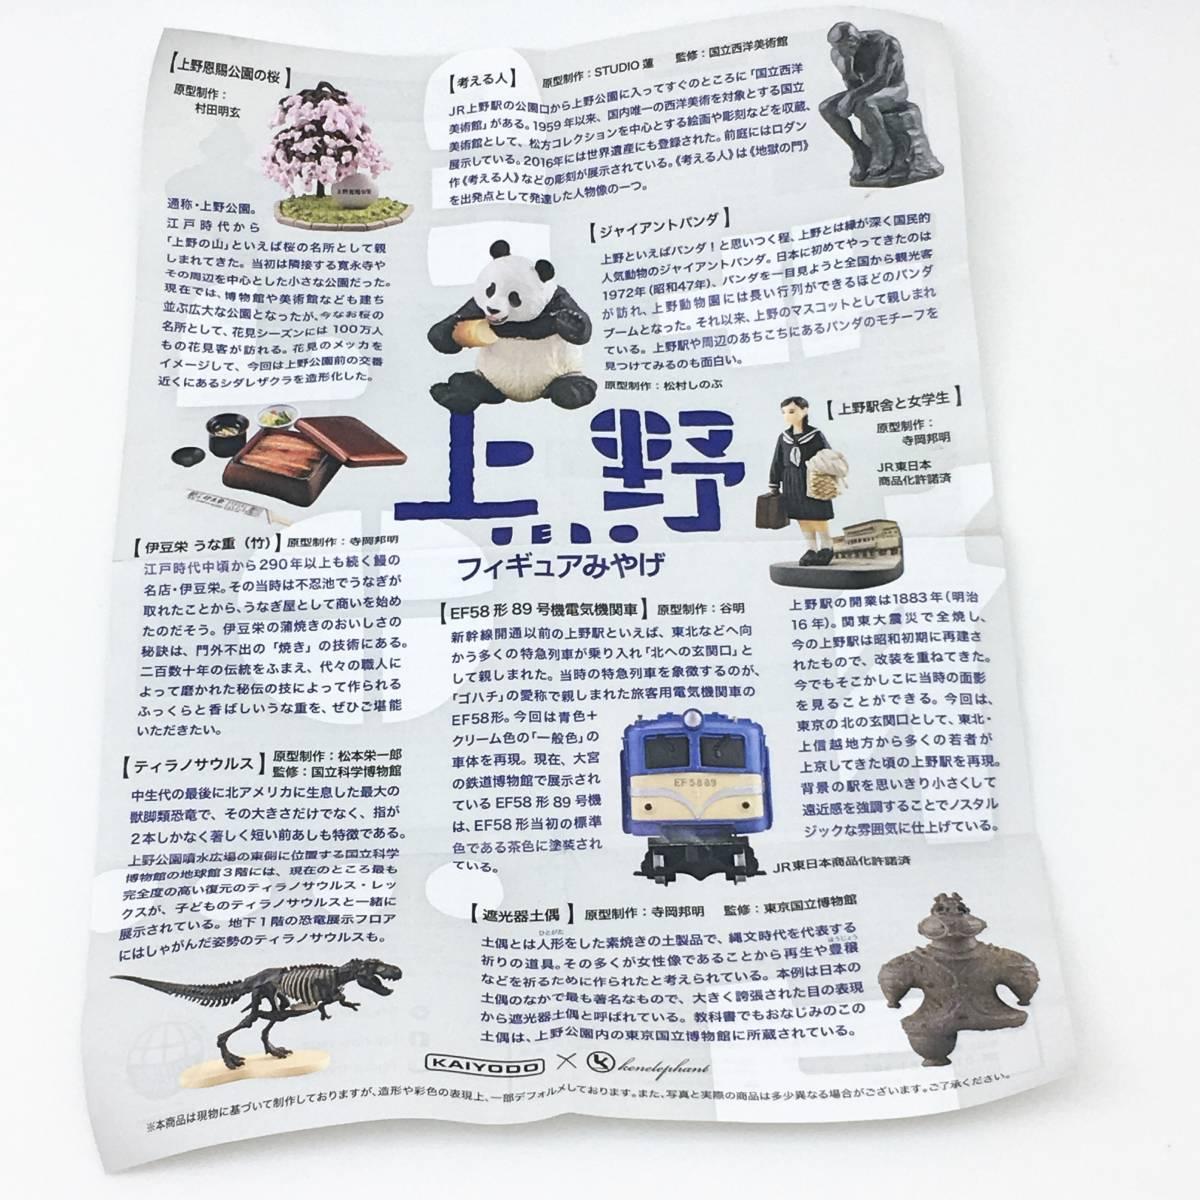 海洋堂 ガチャ 上野フィギュアみやげ ジャイアントパンダ   上野駅 KAIYODO パンダ_画像3